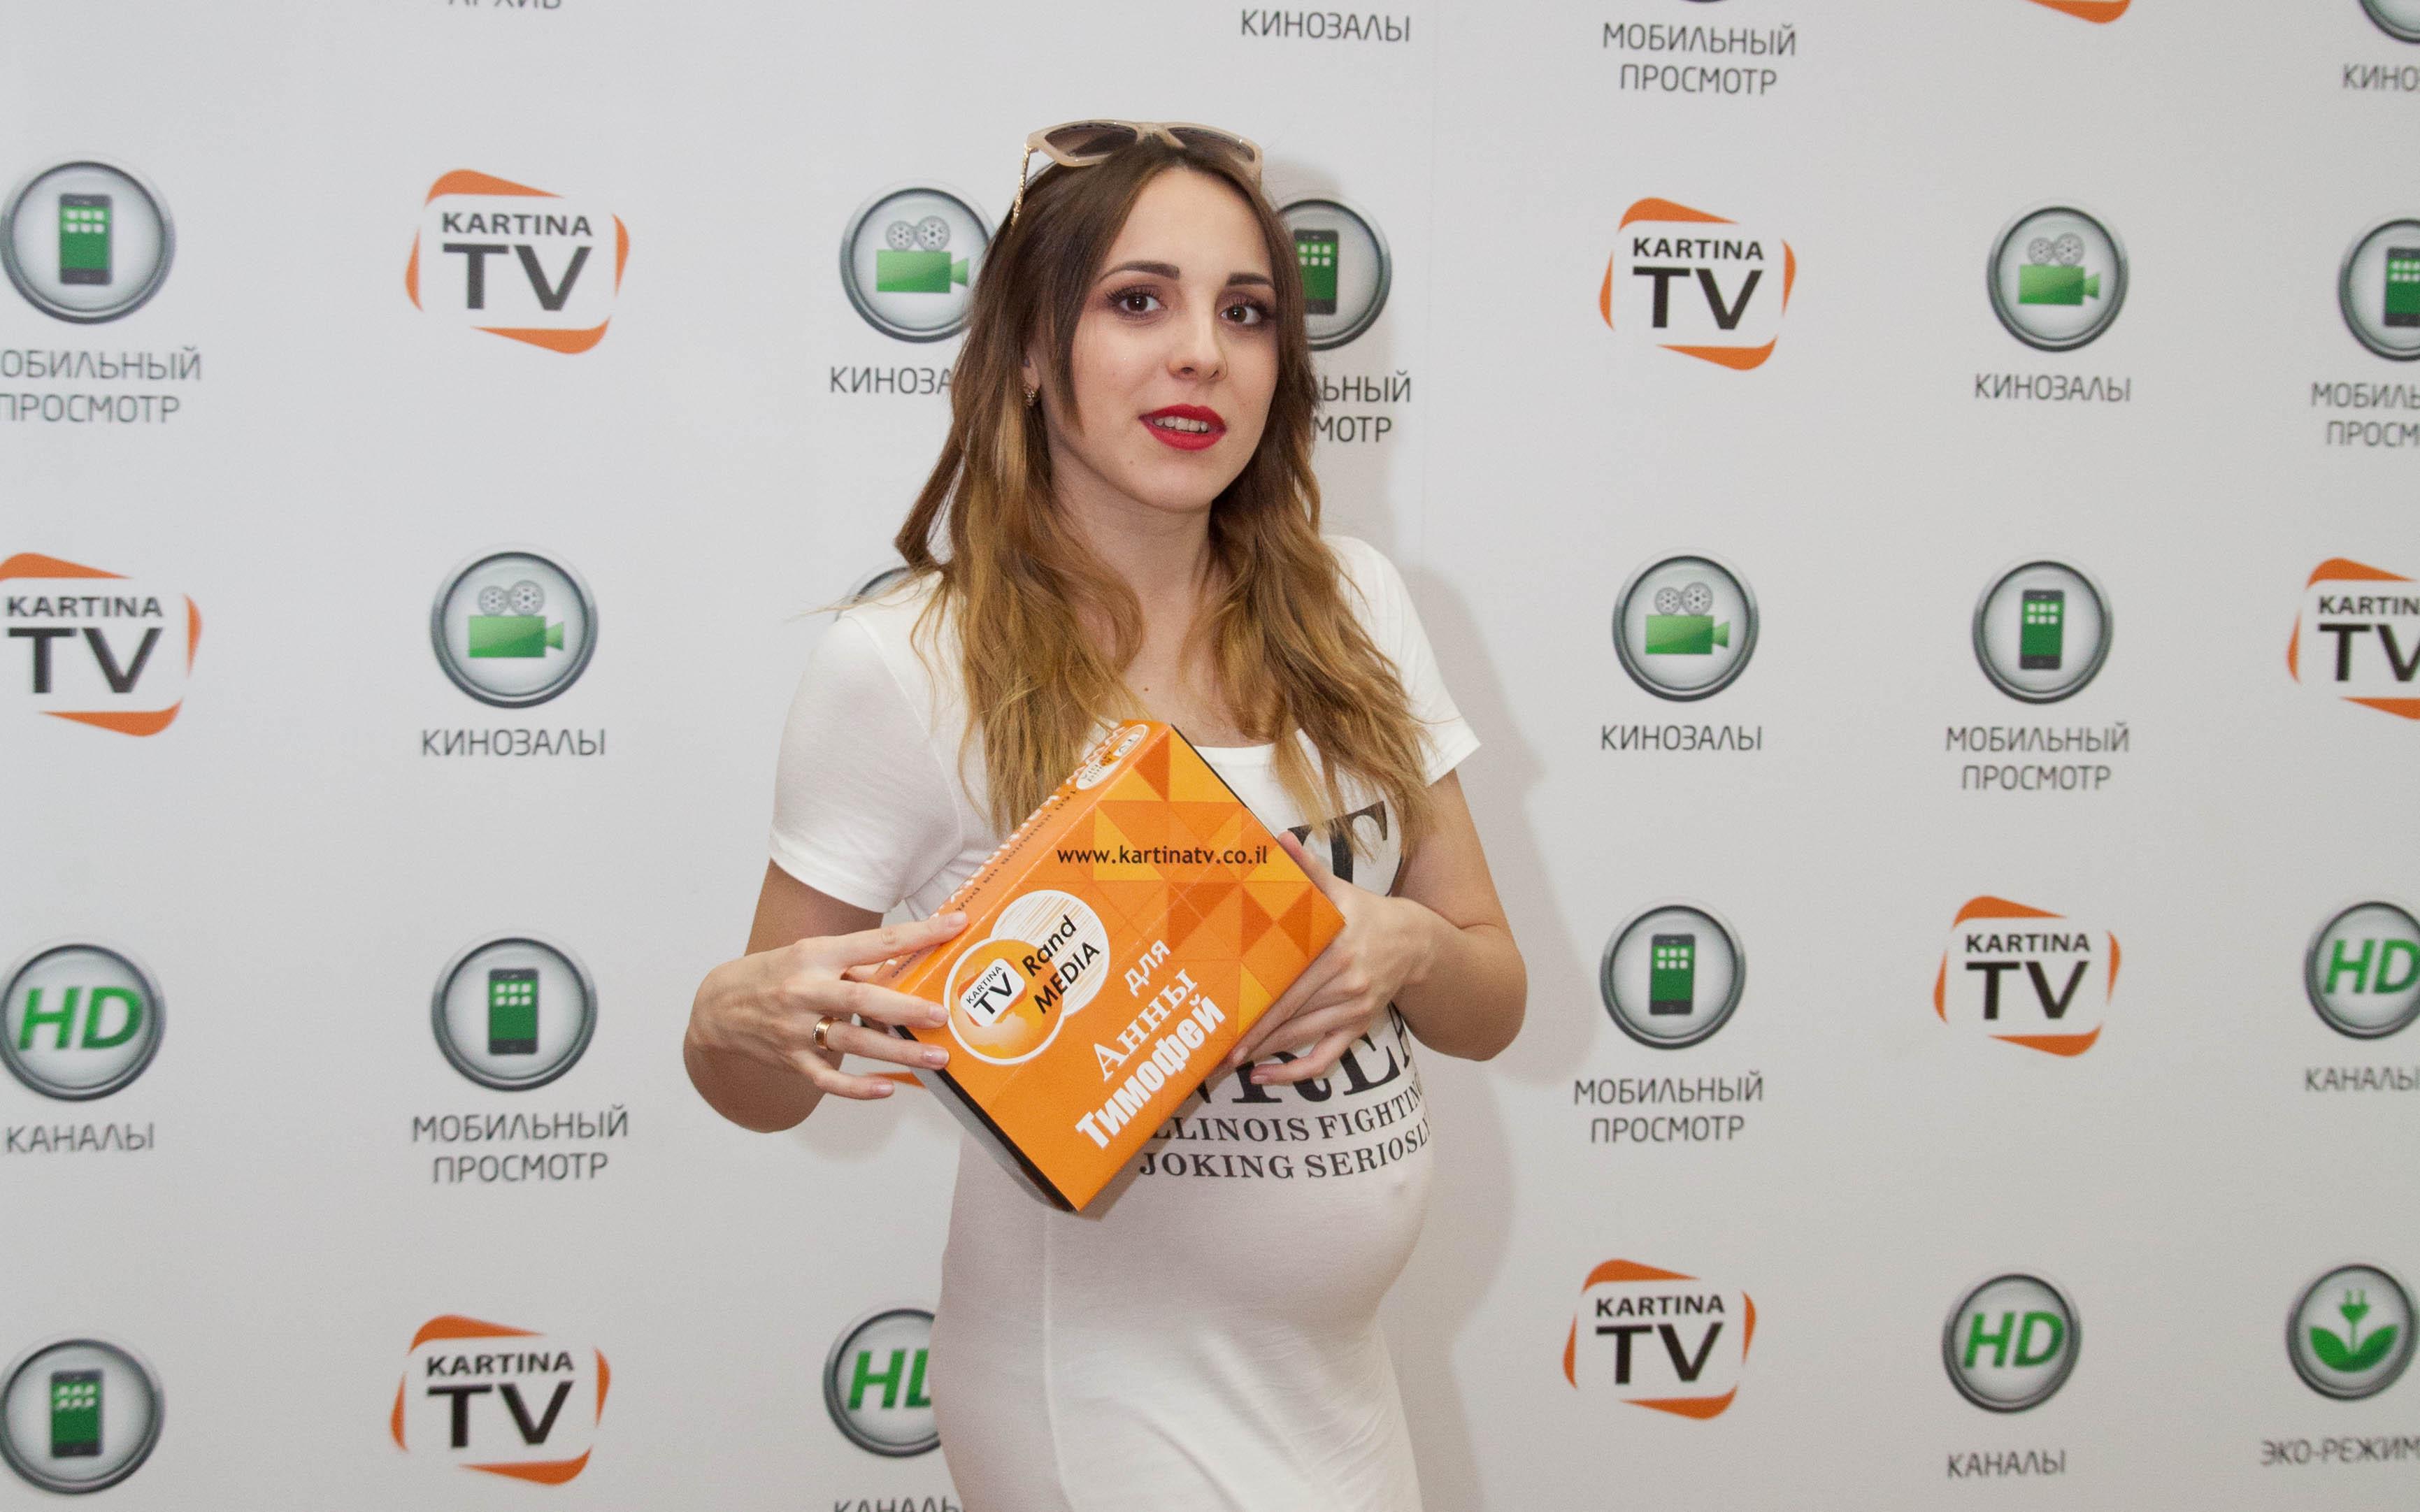 В гостях у KartinaTV финалистка конкурса The X Factor в Израиле – Анна Тимофей